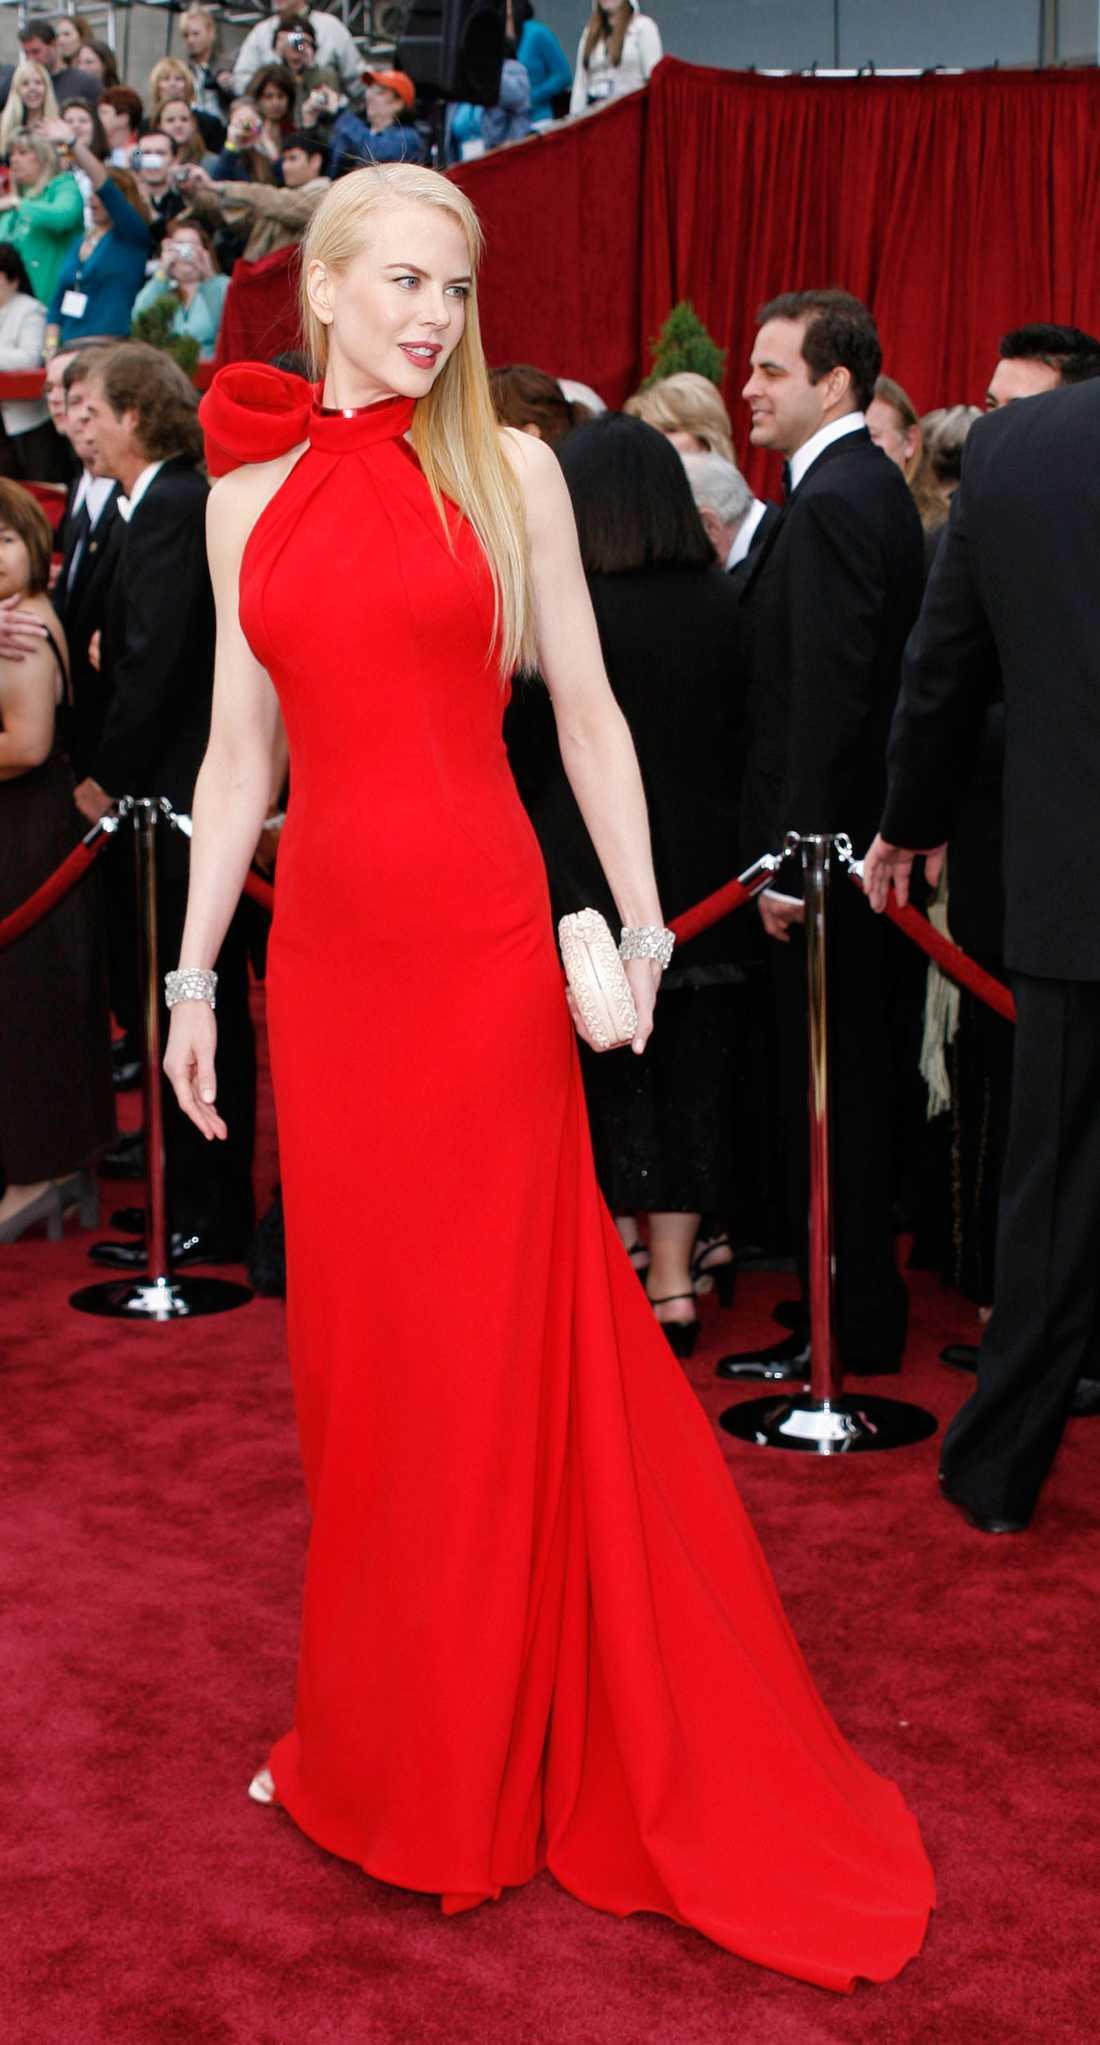 """Nicole Kidman 2007 """"BOOM! Snacka om att dra exakt alla blickar till sig. Inte nog med att klänningen var klarröd, den hade dessutom en enorm rosett knuten vid nacken. Klänningen såg tung ut, riktigt tung. Men ack så snygg. Balenciaga stod för designen och Emma Stone skulle sen kopiera looken 2011. En riktig vända-på-huvudet-klänning!"""""""